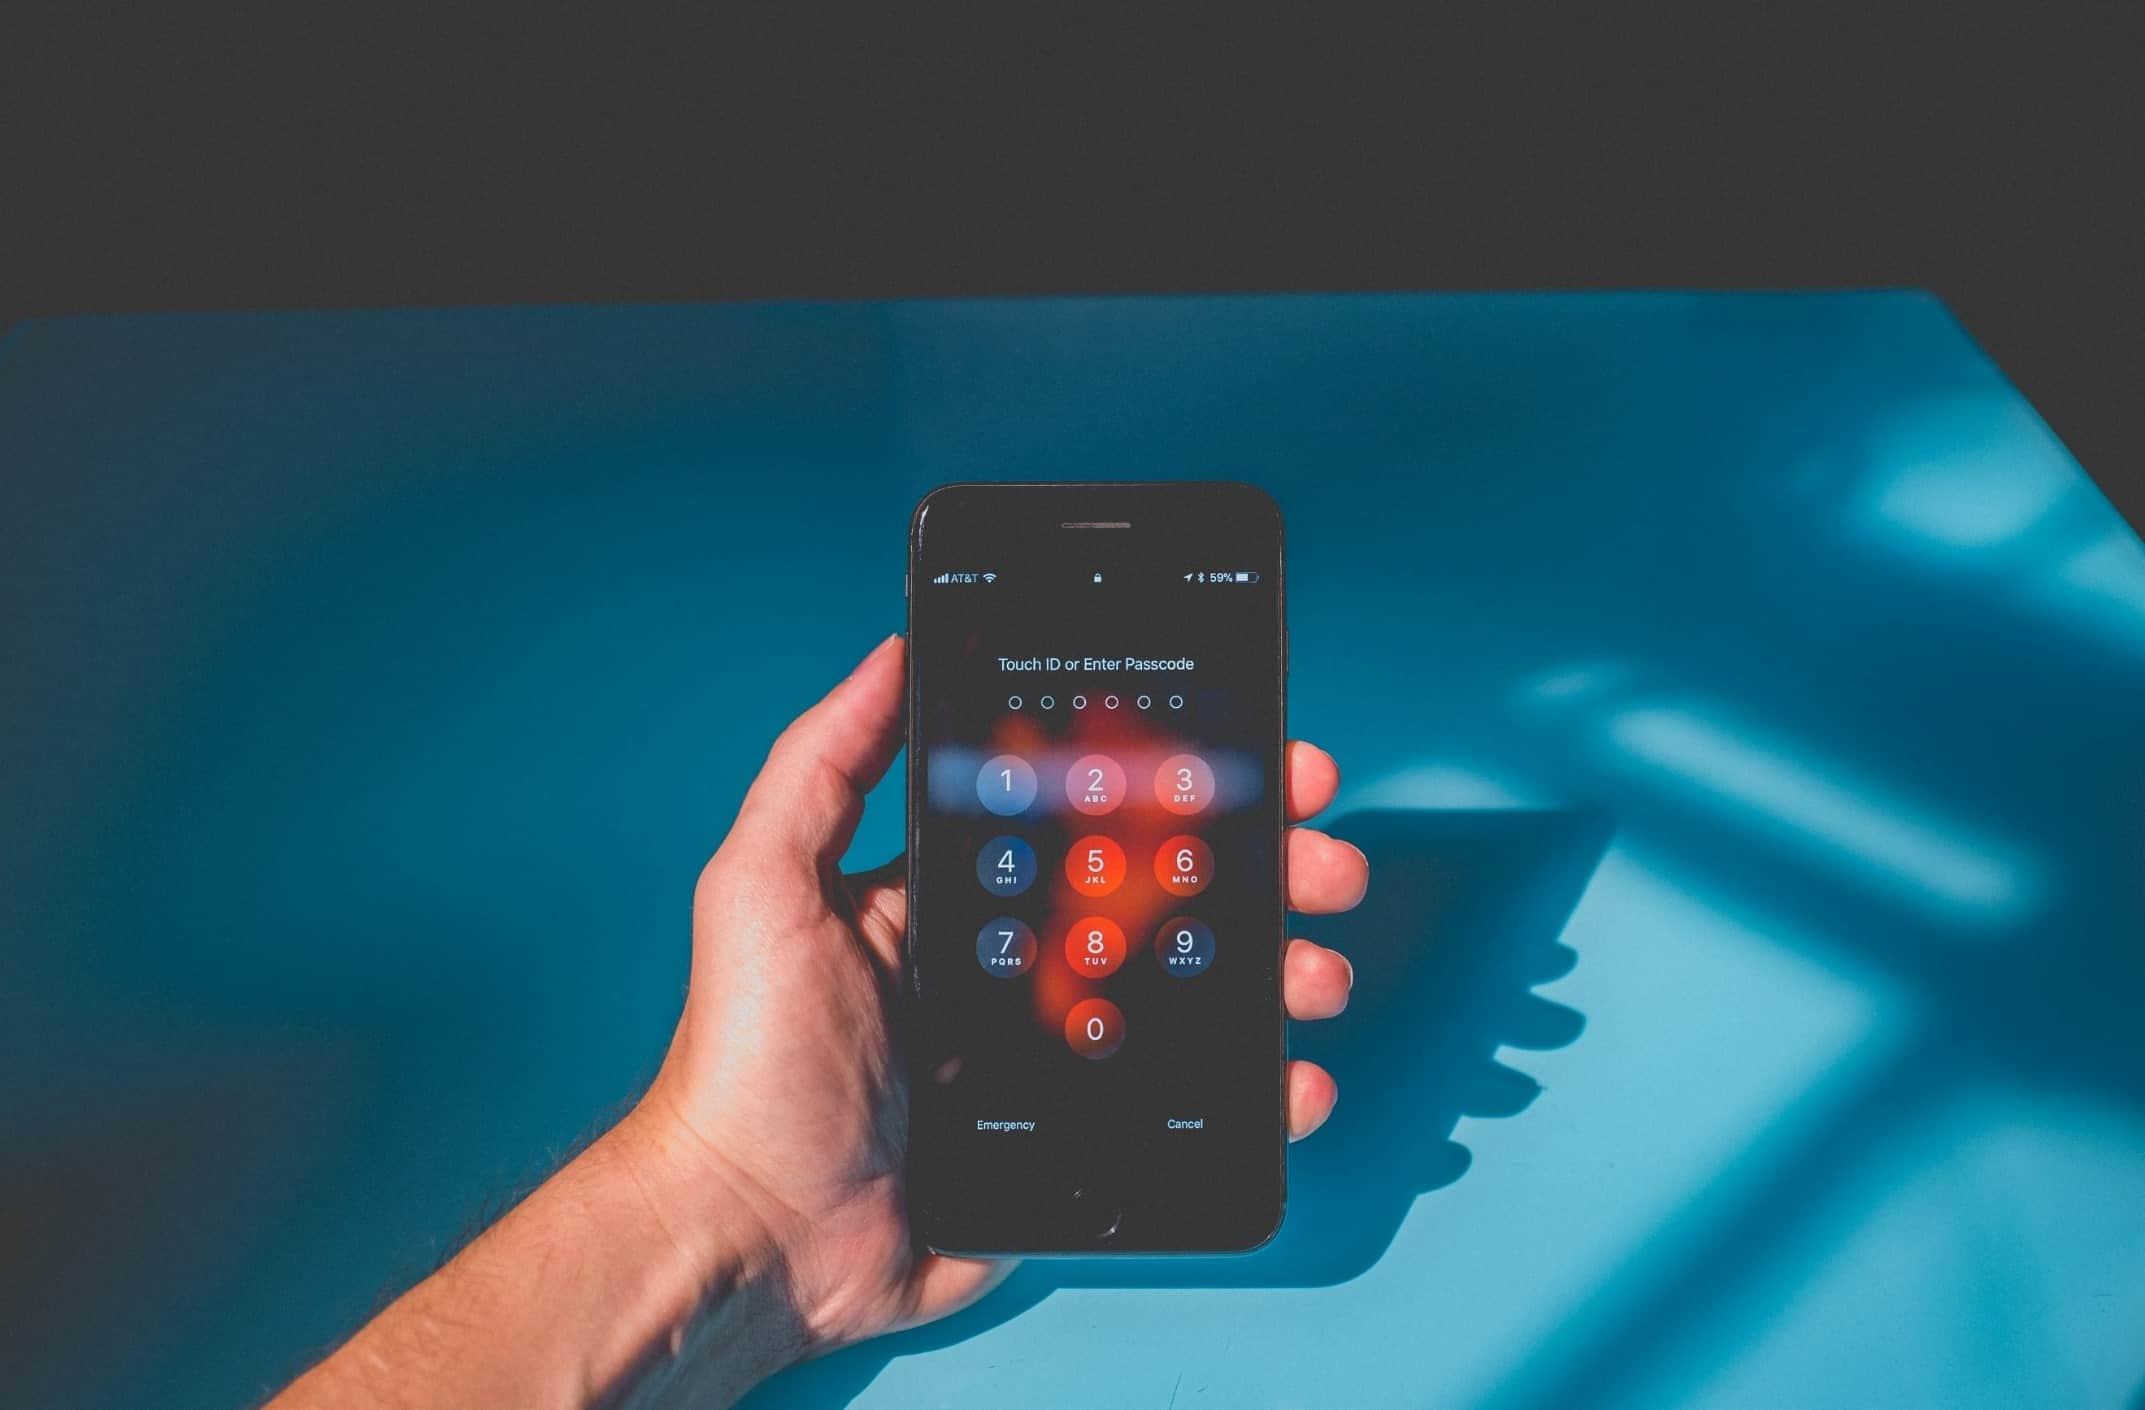 インターネットデバイスに強力なパスワードが必要な理由